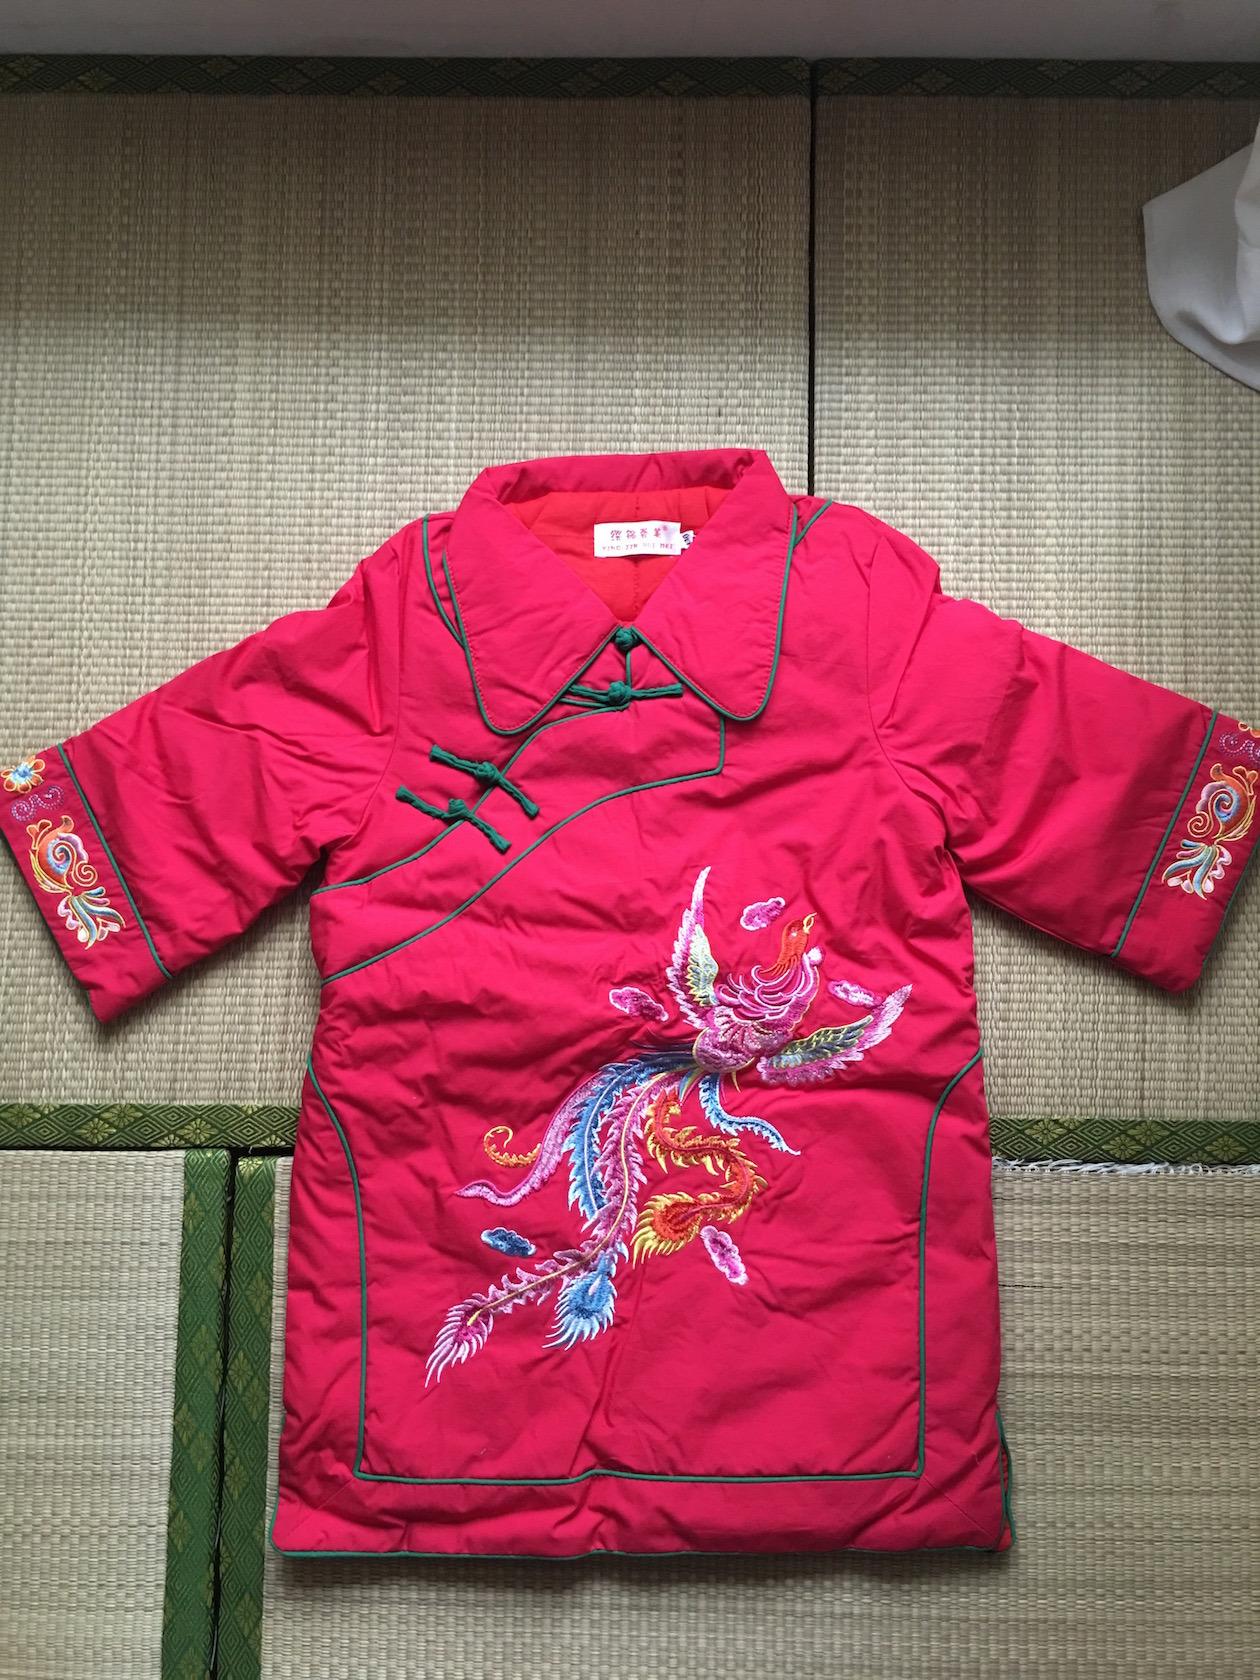 全新女童刺绣唐装格格七分袖棉袄 鱼的森林的换铺 新闻网换客